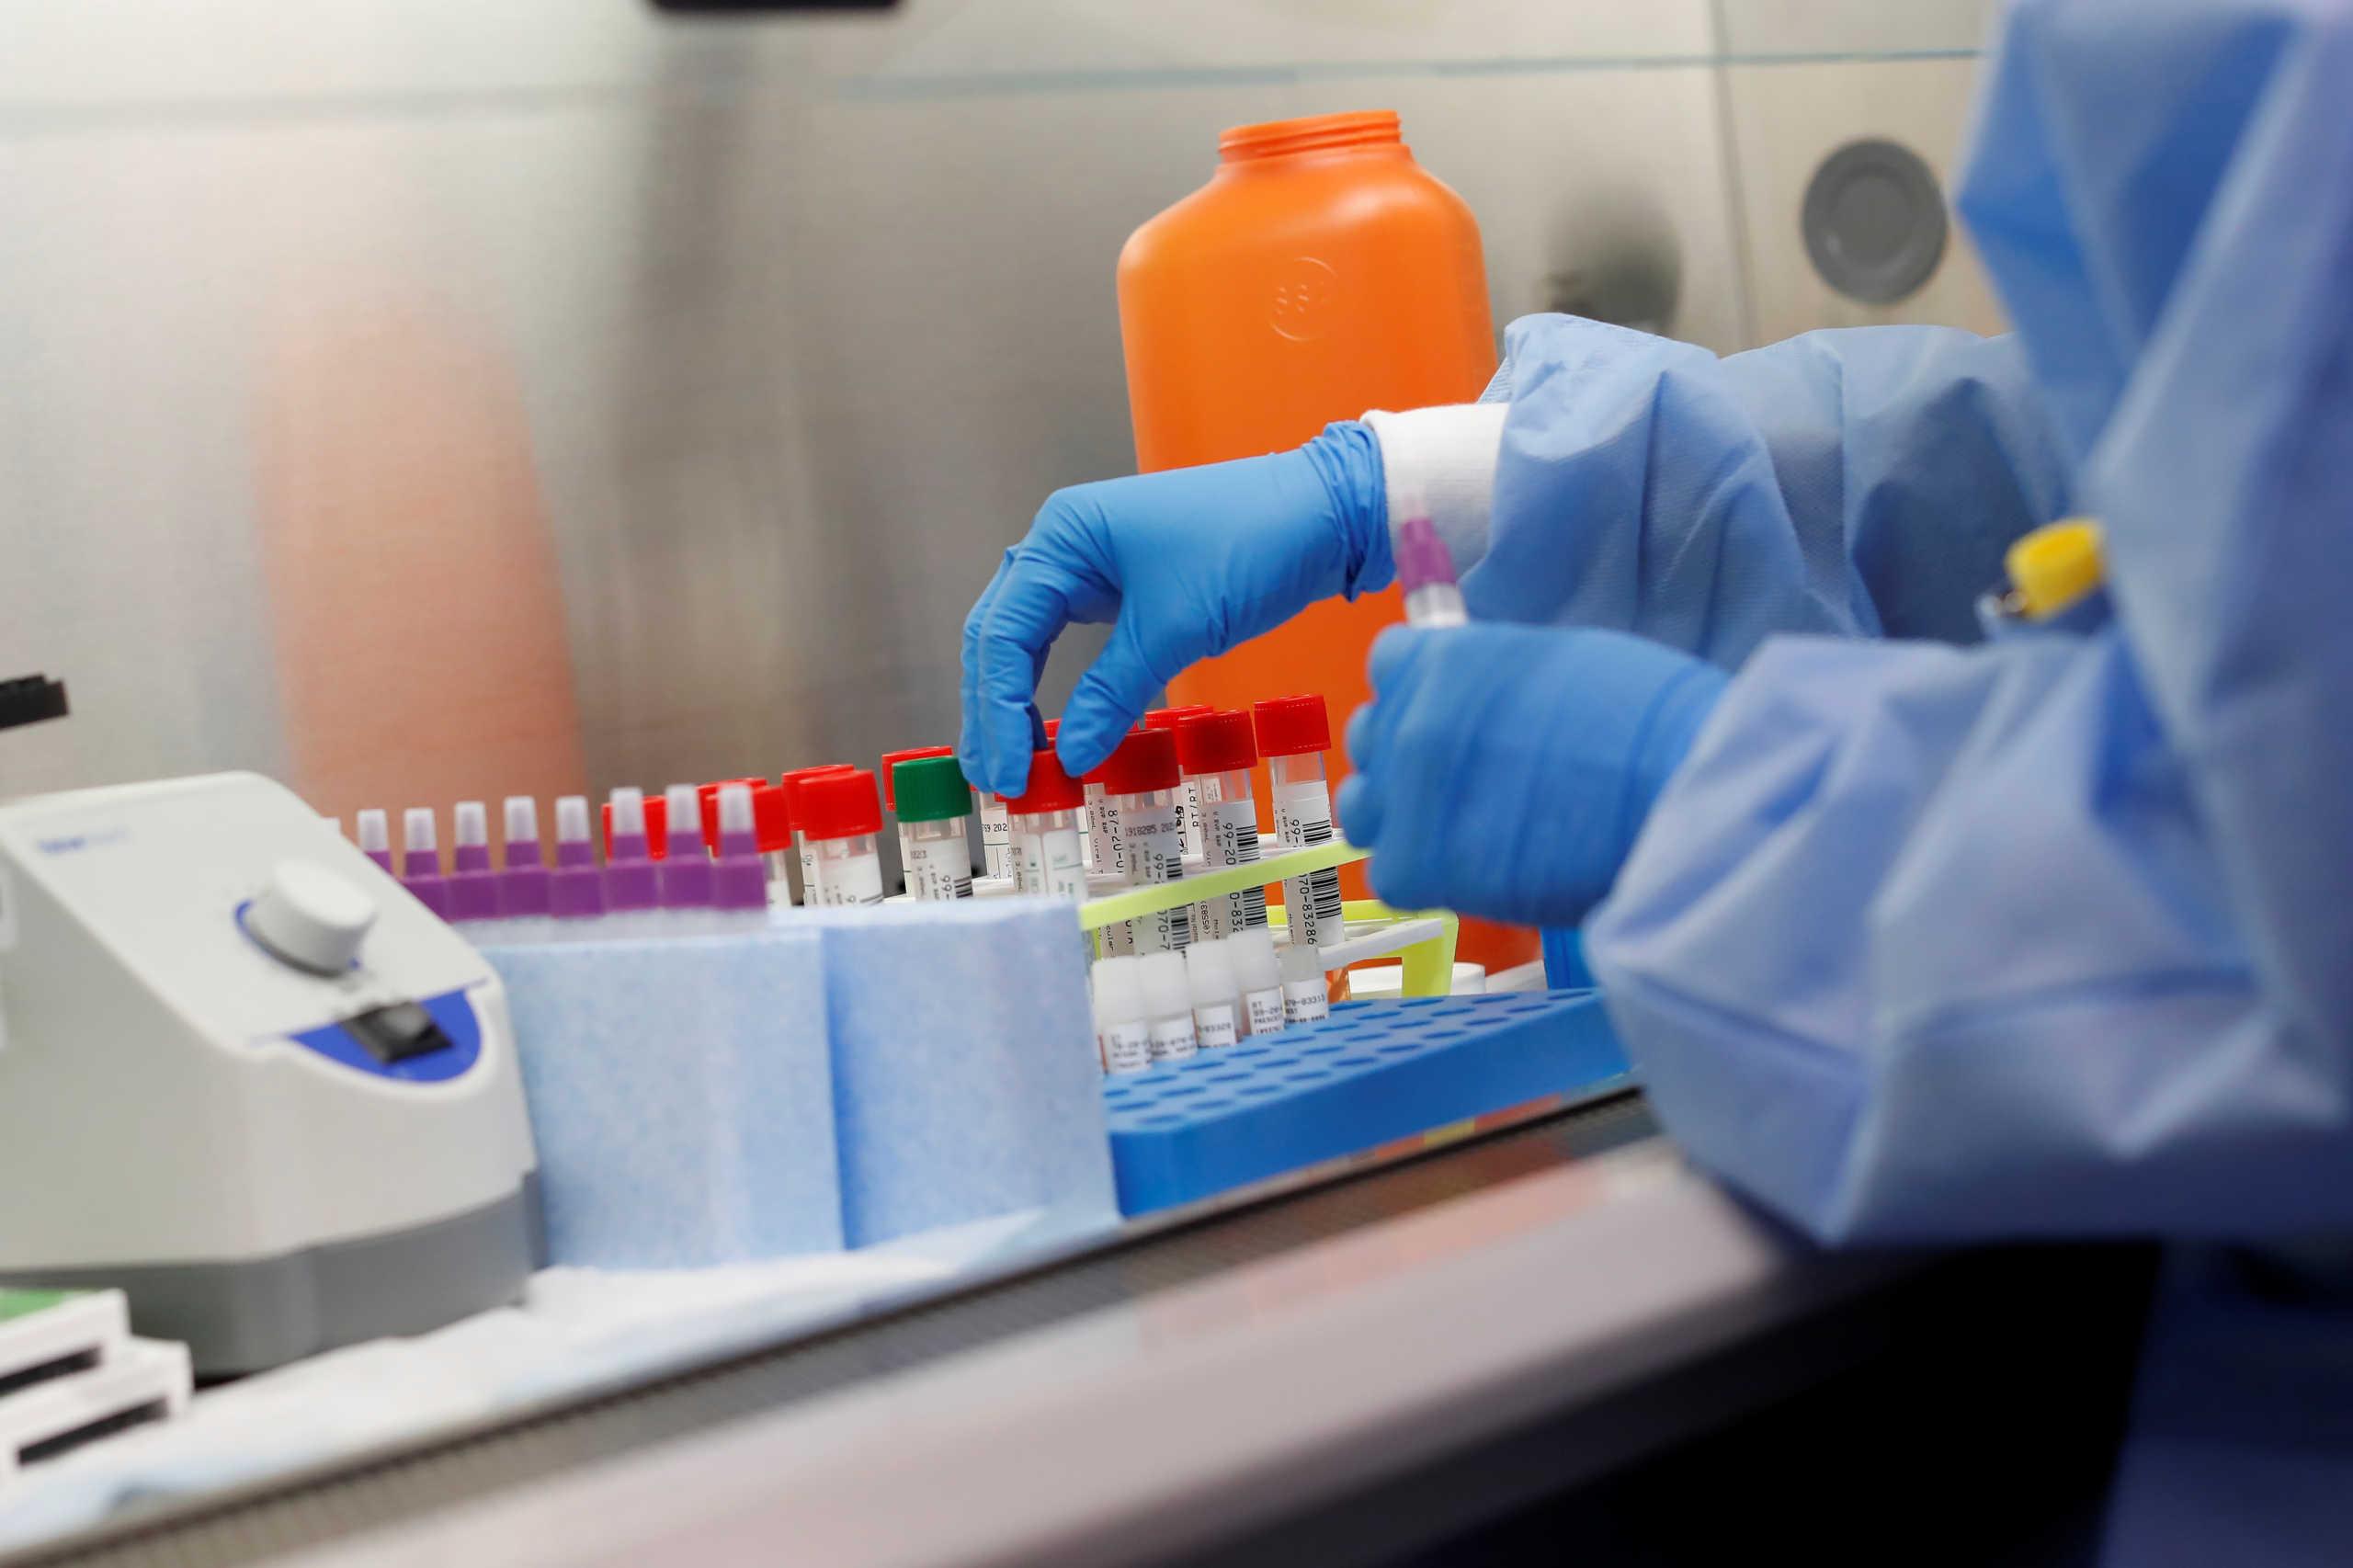 Ρωσία: Τα φάρμακα που συνέστησε το υπουργείο Υγείας για τον κορονοϊό αποδείχθηκαν αποτελεσματικά